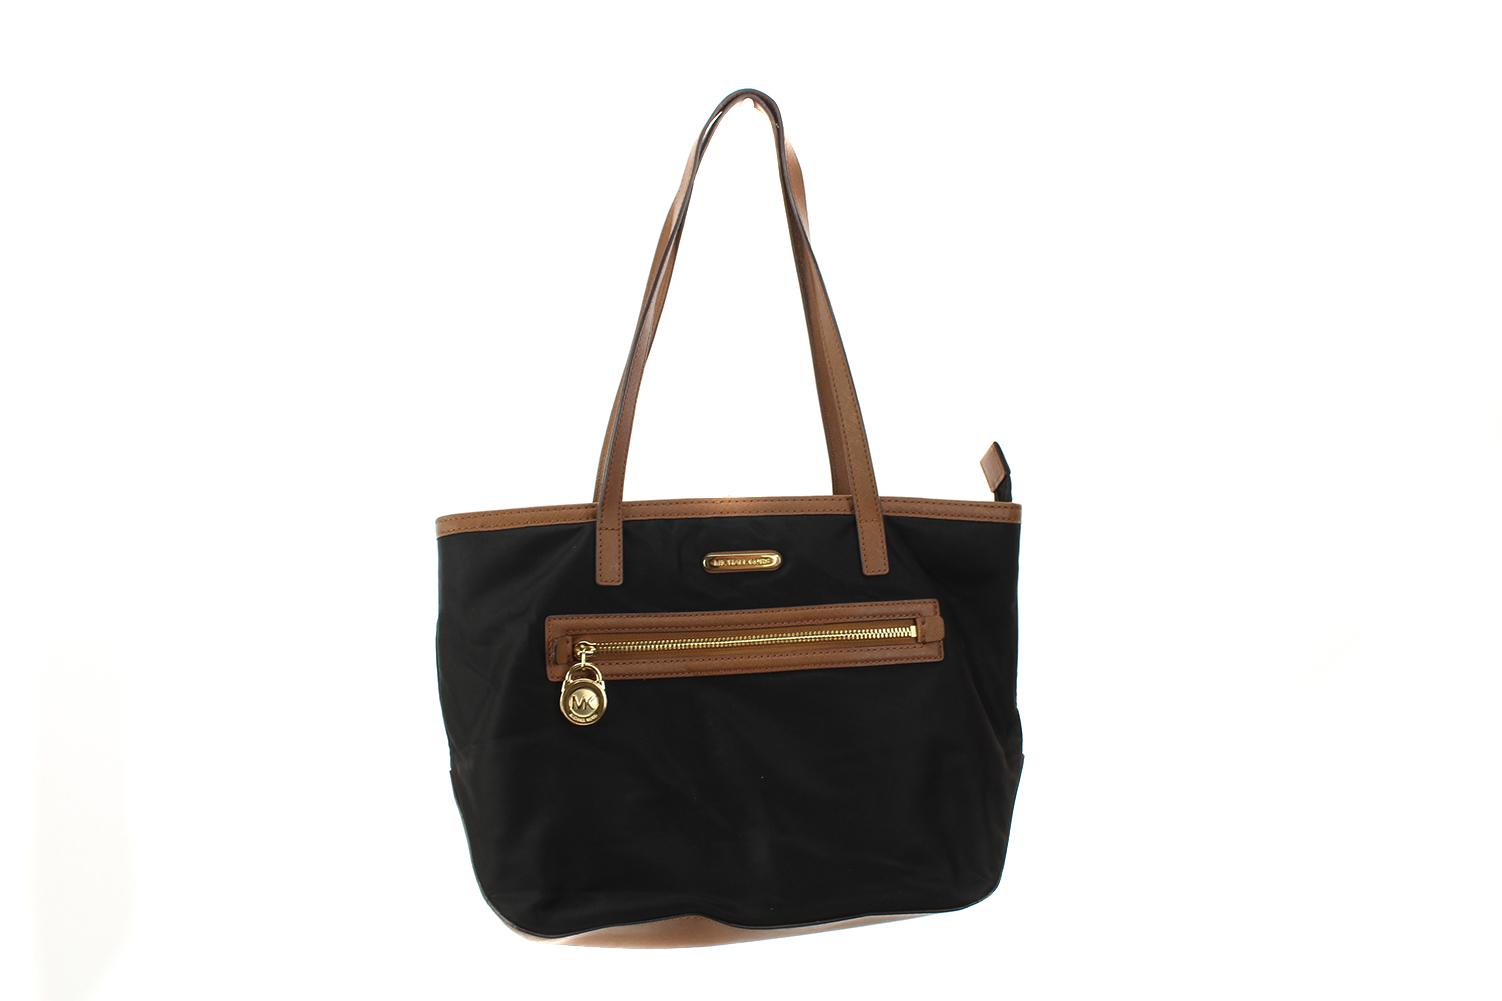 8b0242c8cbe5 Michael Michael Kors Black Gold Kempton Nylon Small Tote Bag OS MSRP ...